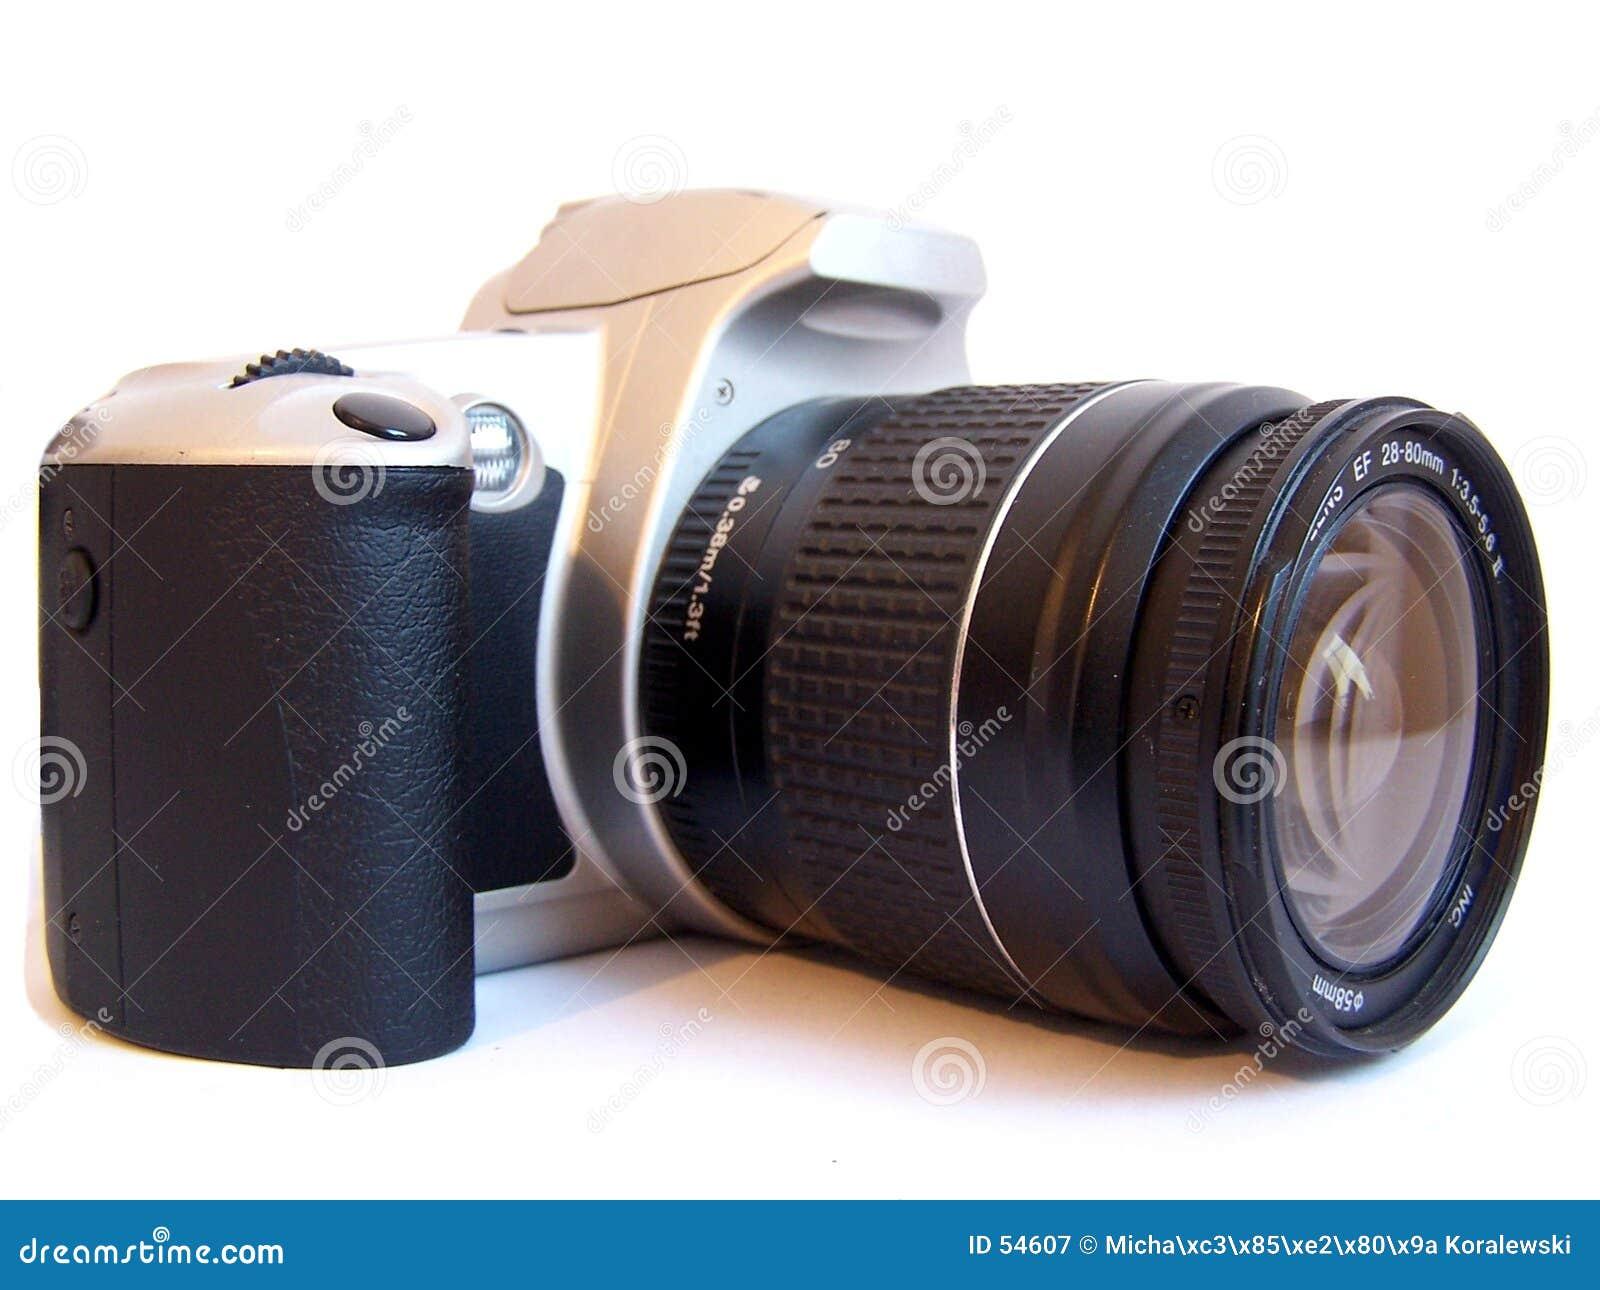 πλάνο φωτογραφικών μηχανών